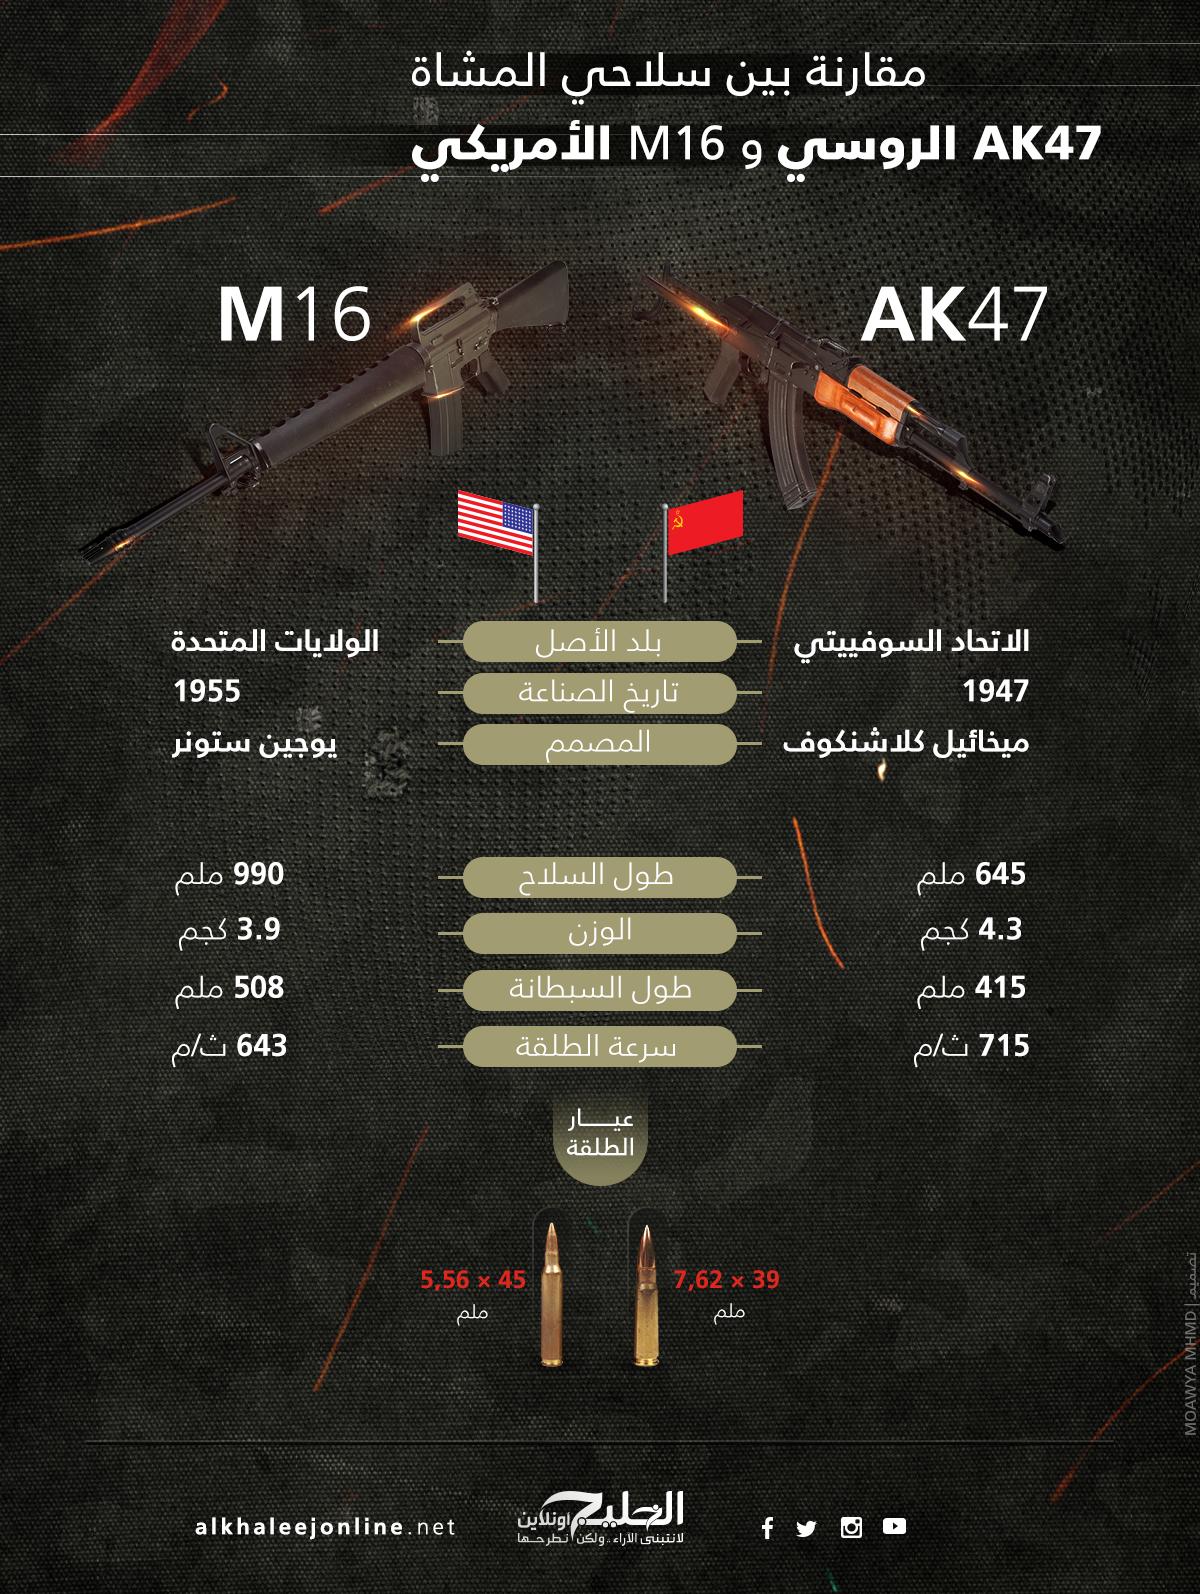 ak-47-vs-m16 (2)